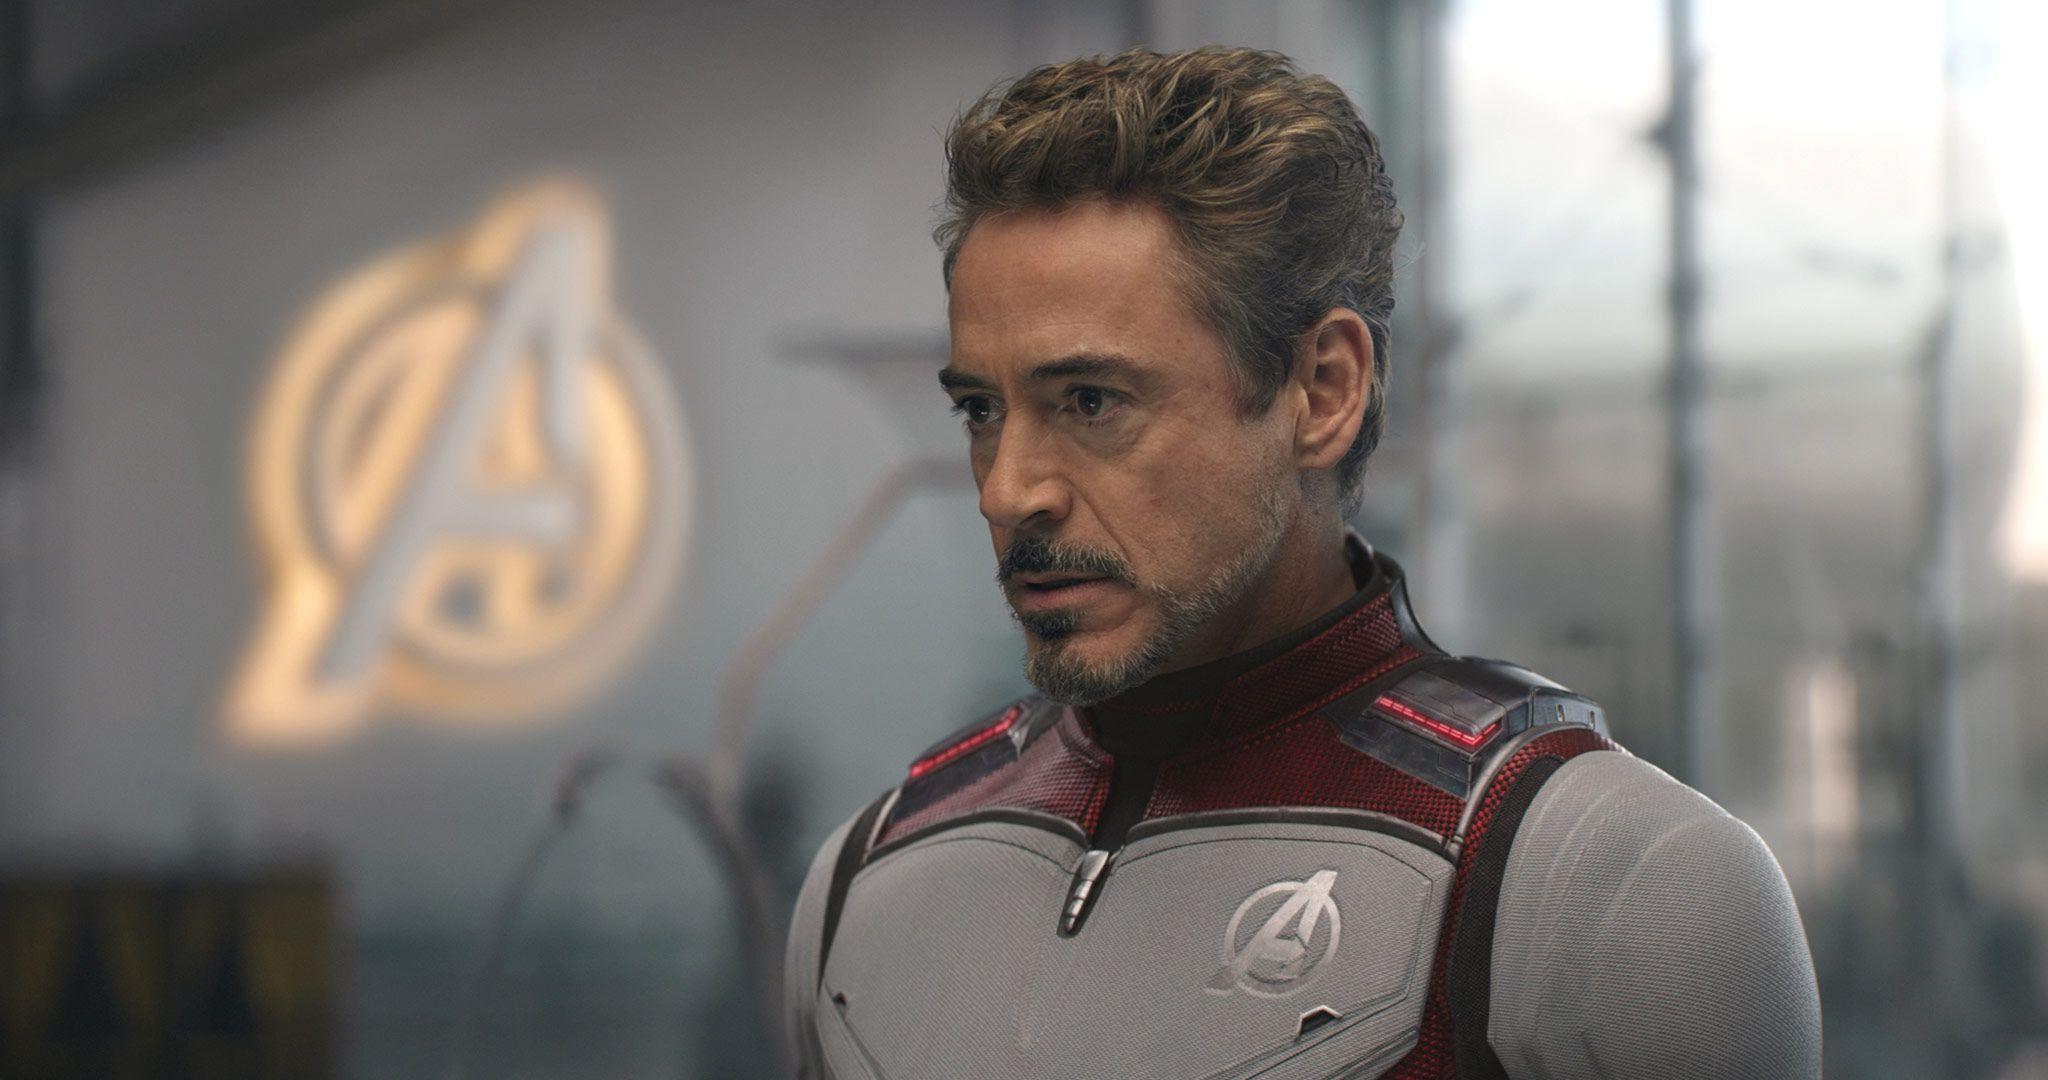 1.) Robert Downey Jr., Avengers Infinity War